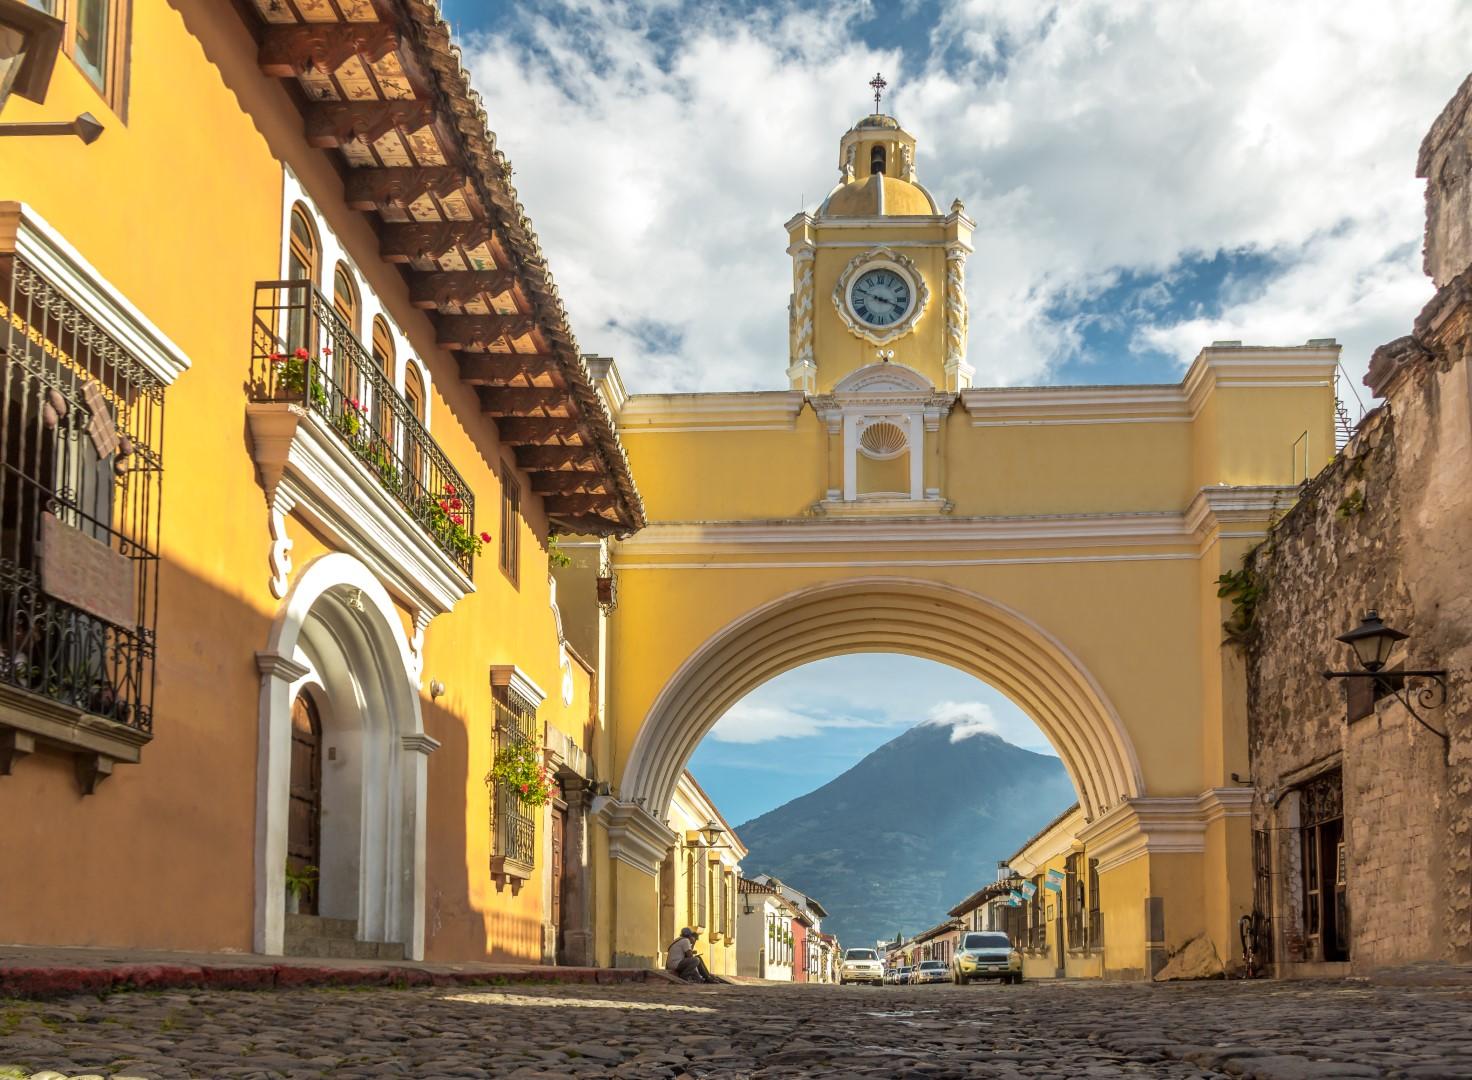 View towards the Arco de Santa Catalina in Antigua